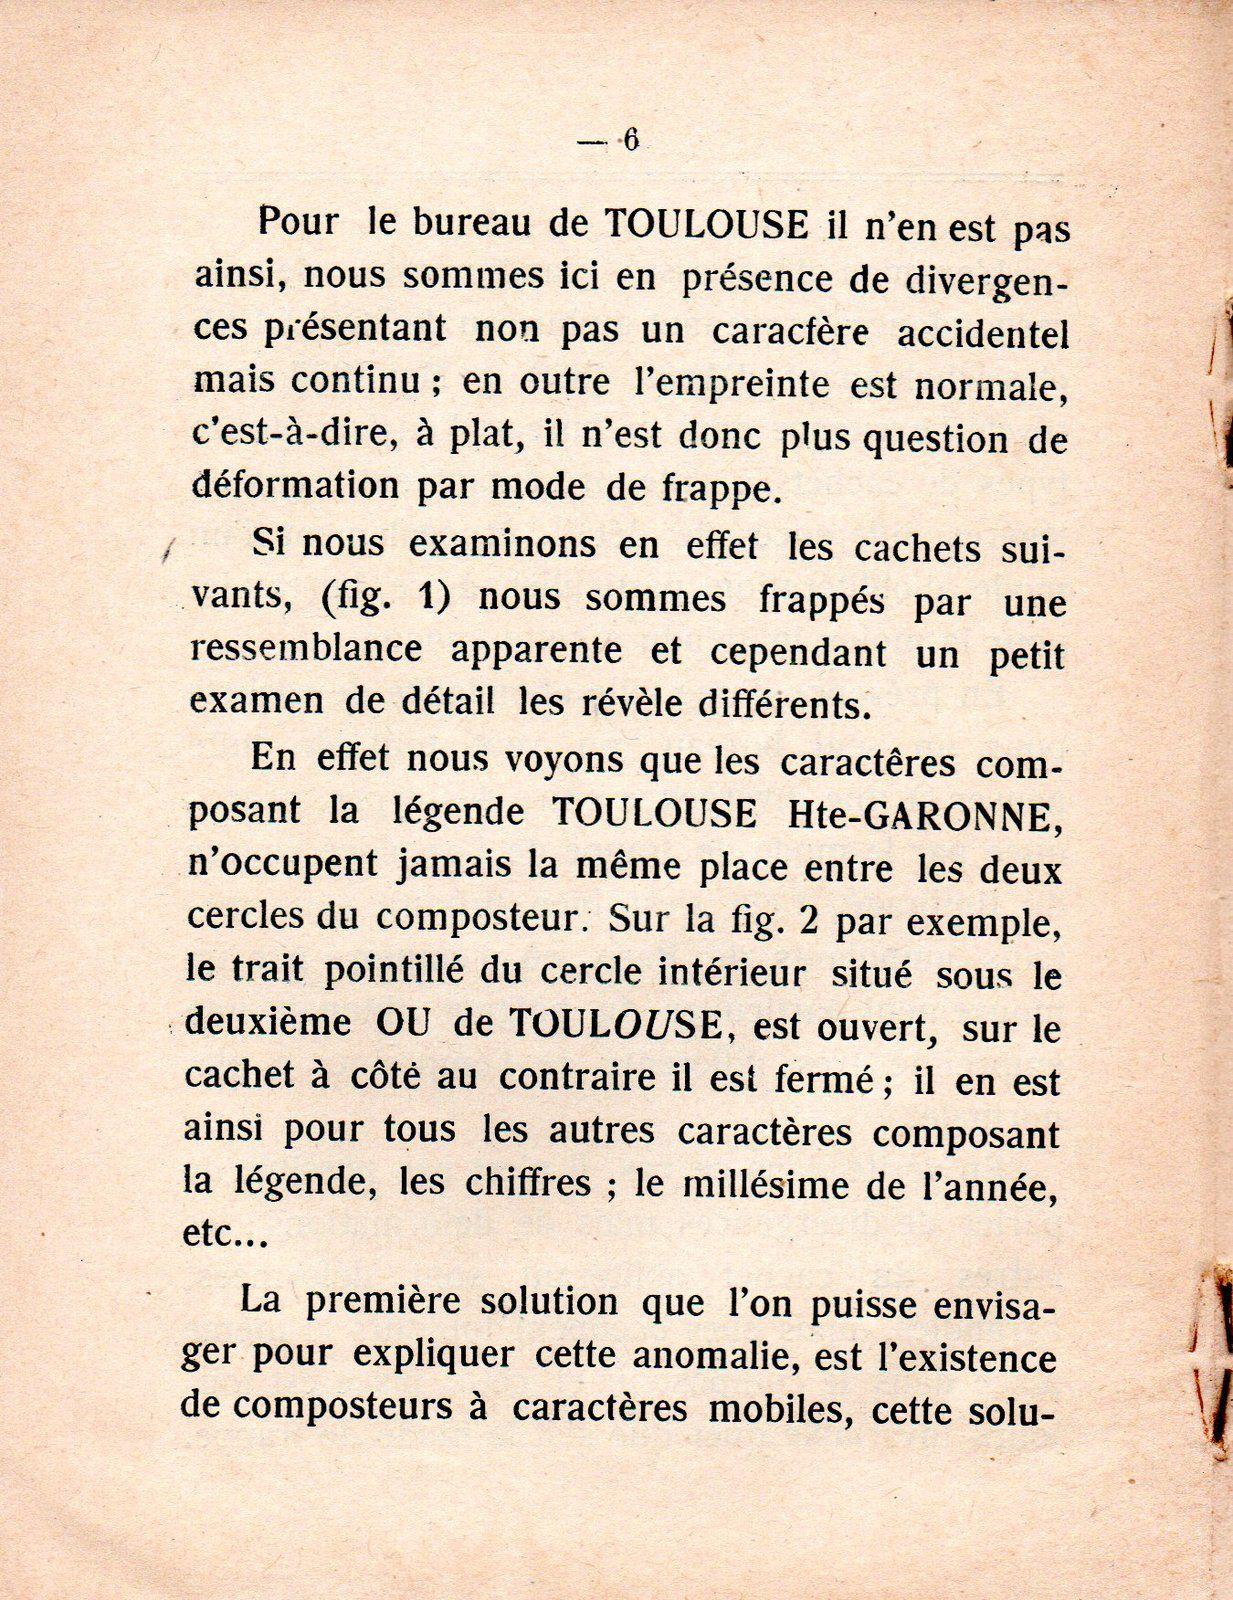 Une énigme philatélique ouvrage de M. André Gély